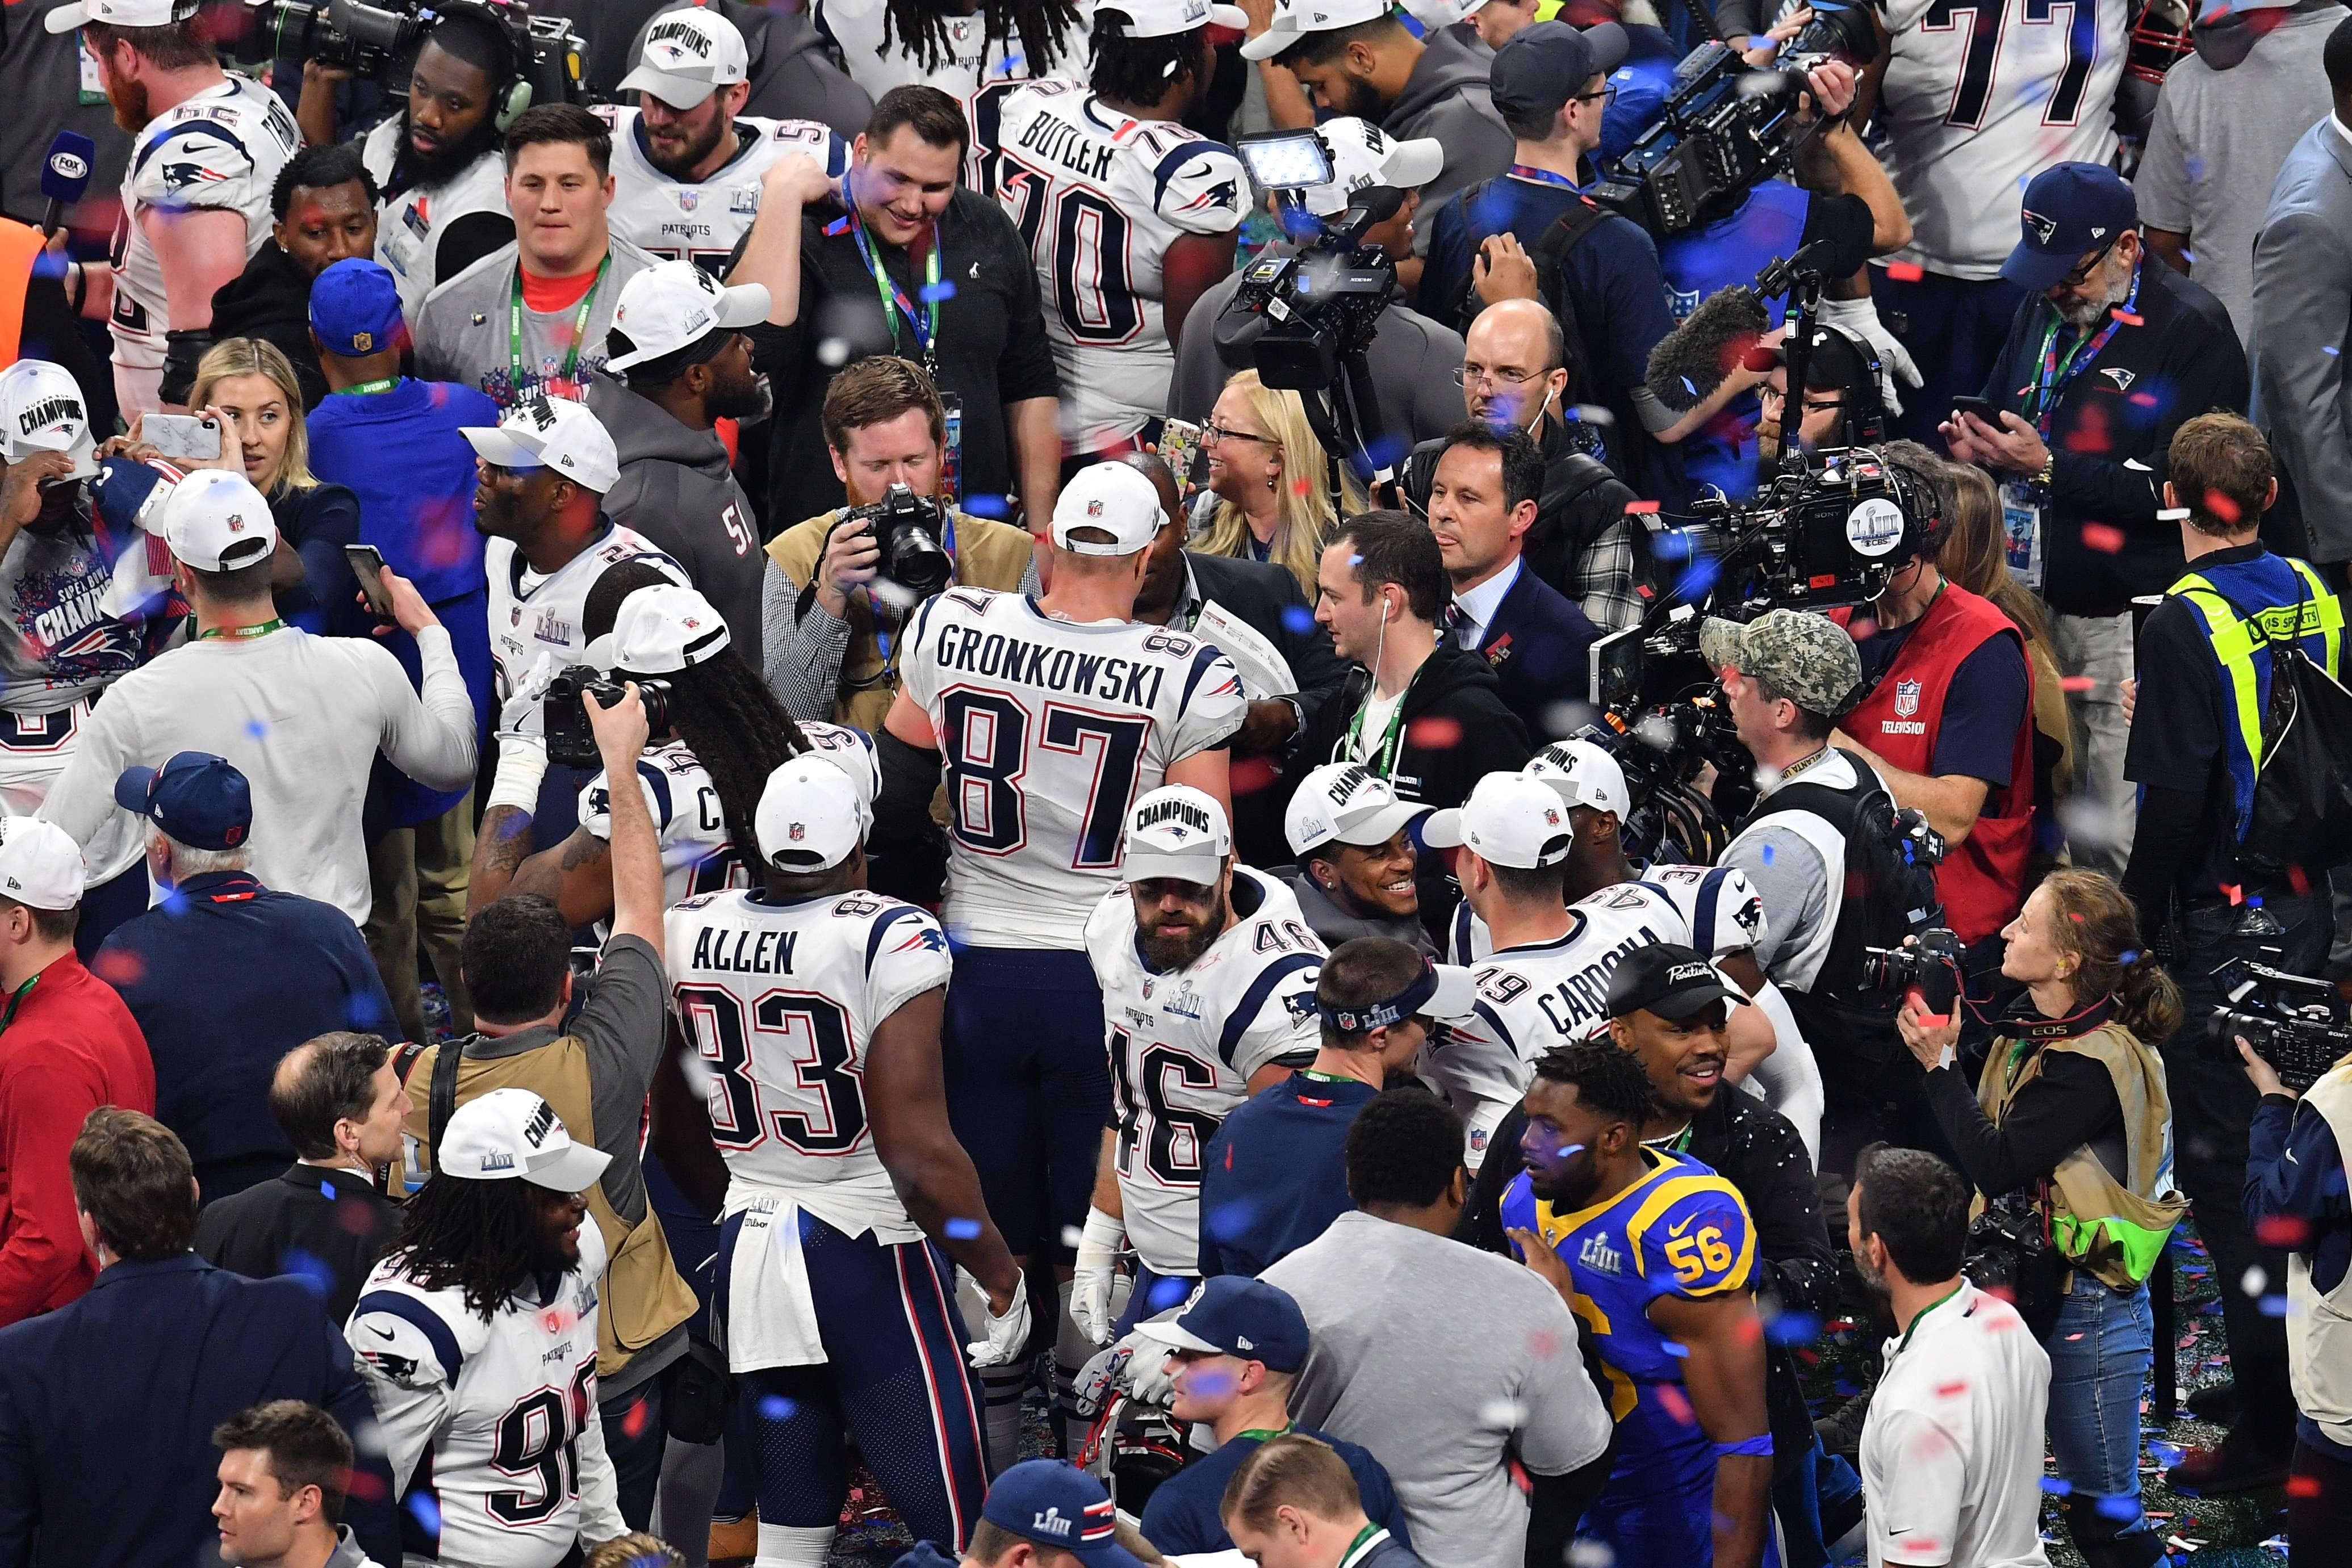 Los jugadores de los Patriots disfrutaron al máximo tras haber ganado su sexto Super Bowl. (Foto Prensa Libre: AFP)